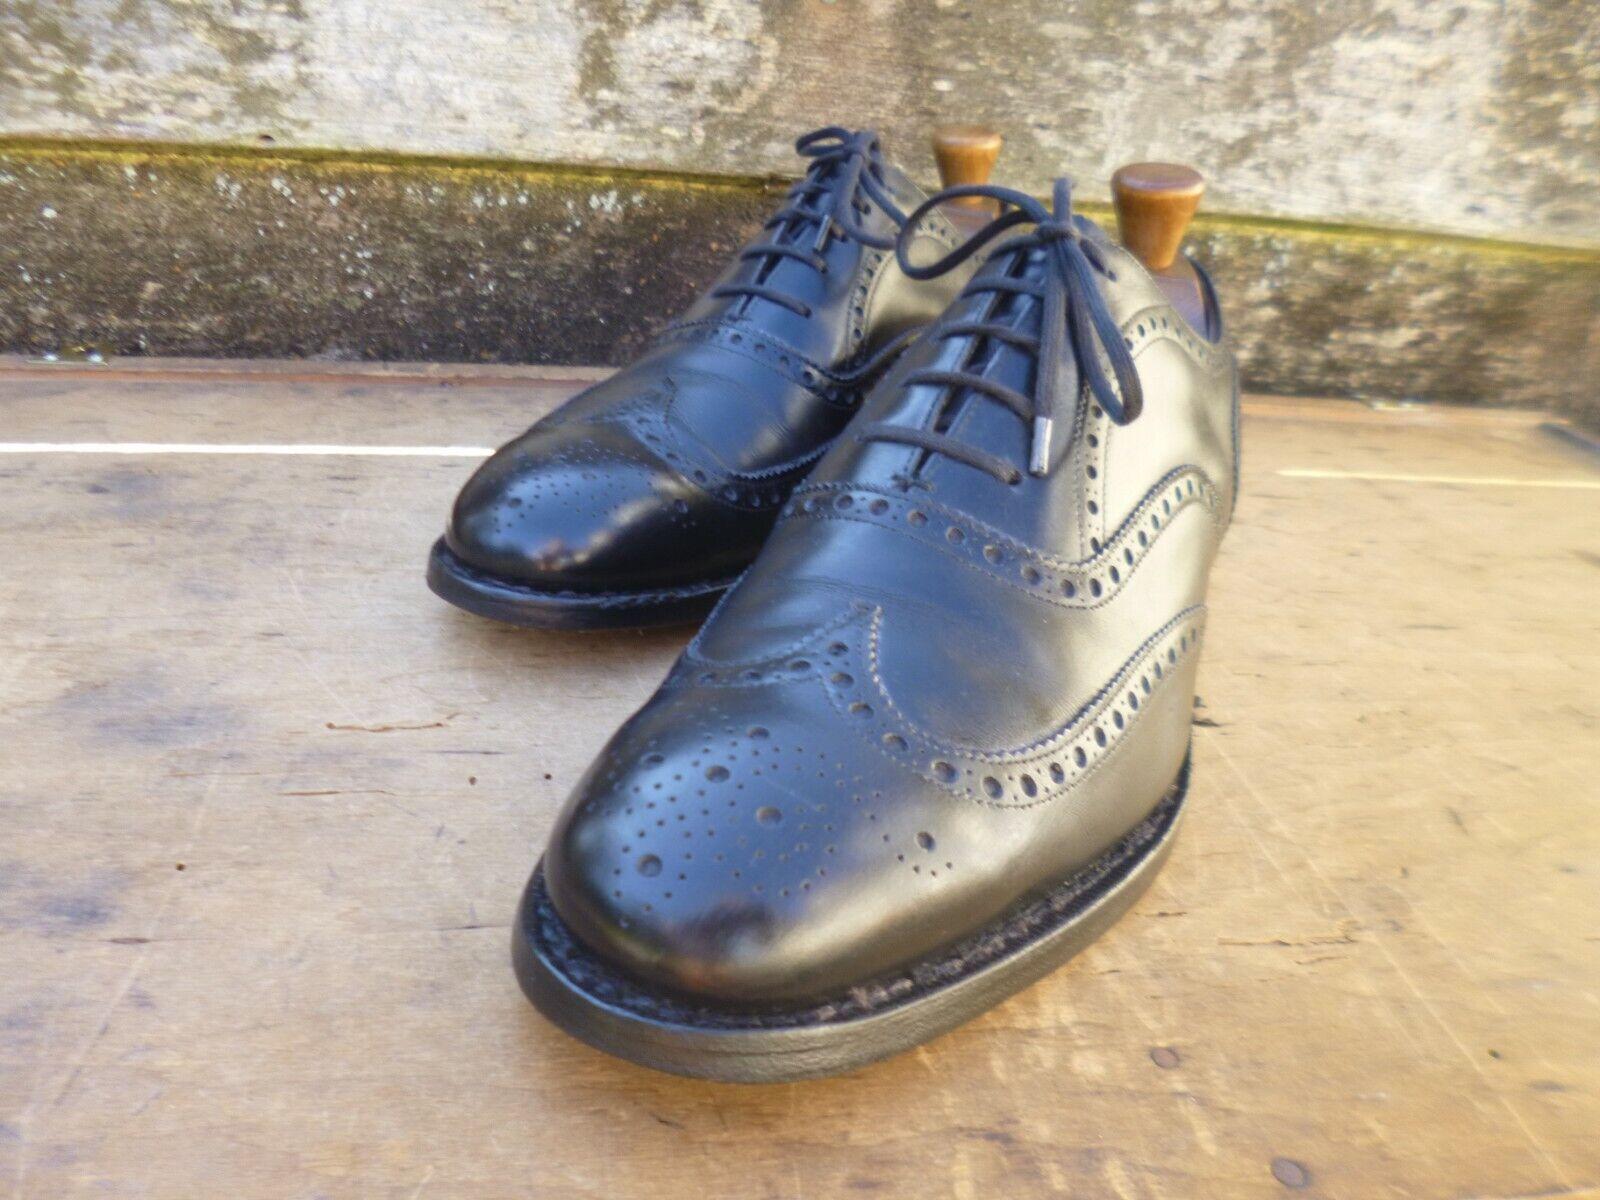 negozio all'ingrosso CHURCH scarpe brogue Vintage-Nero-– Ottime Ottime Ottime condizioni  autorizzazione ufficiale